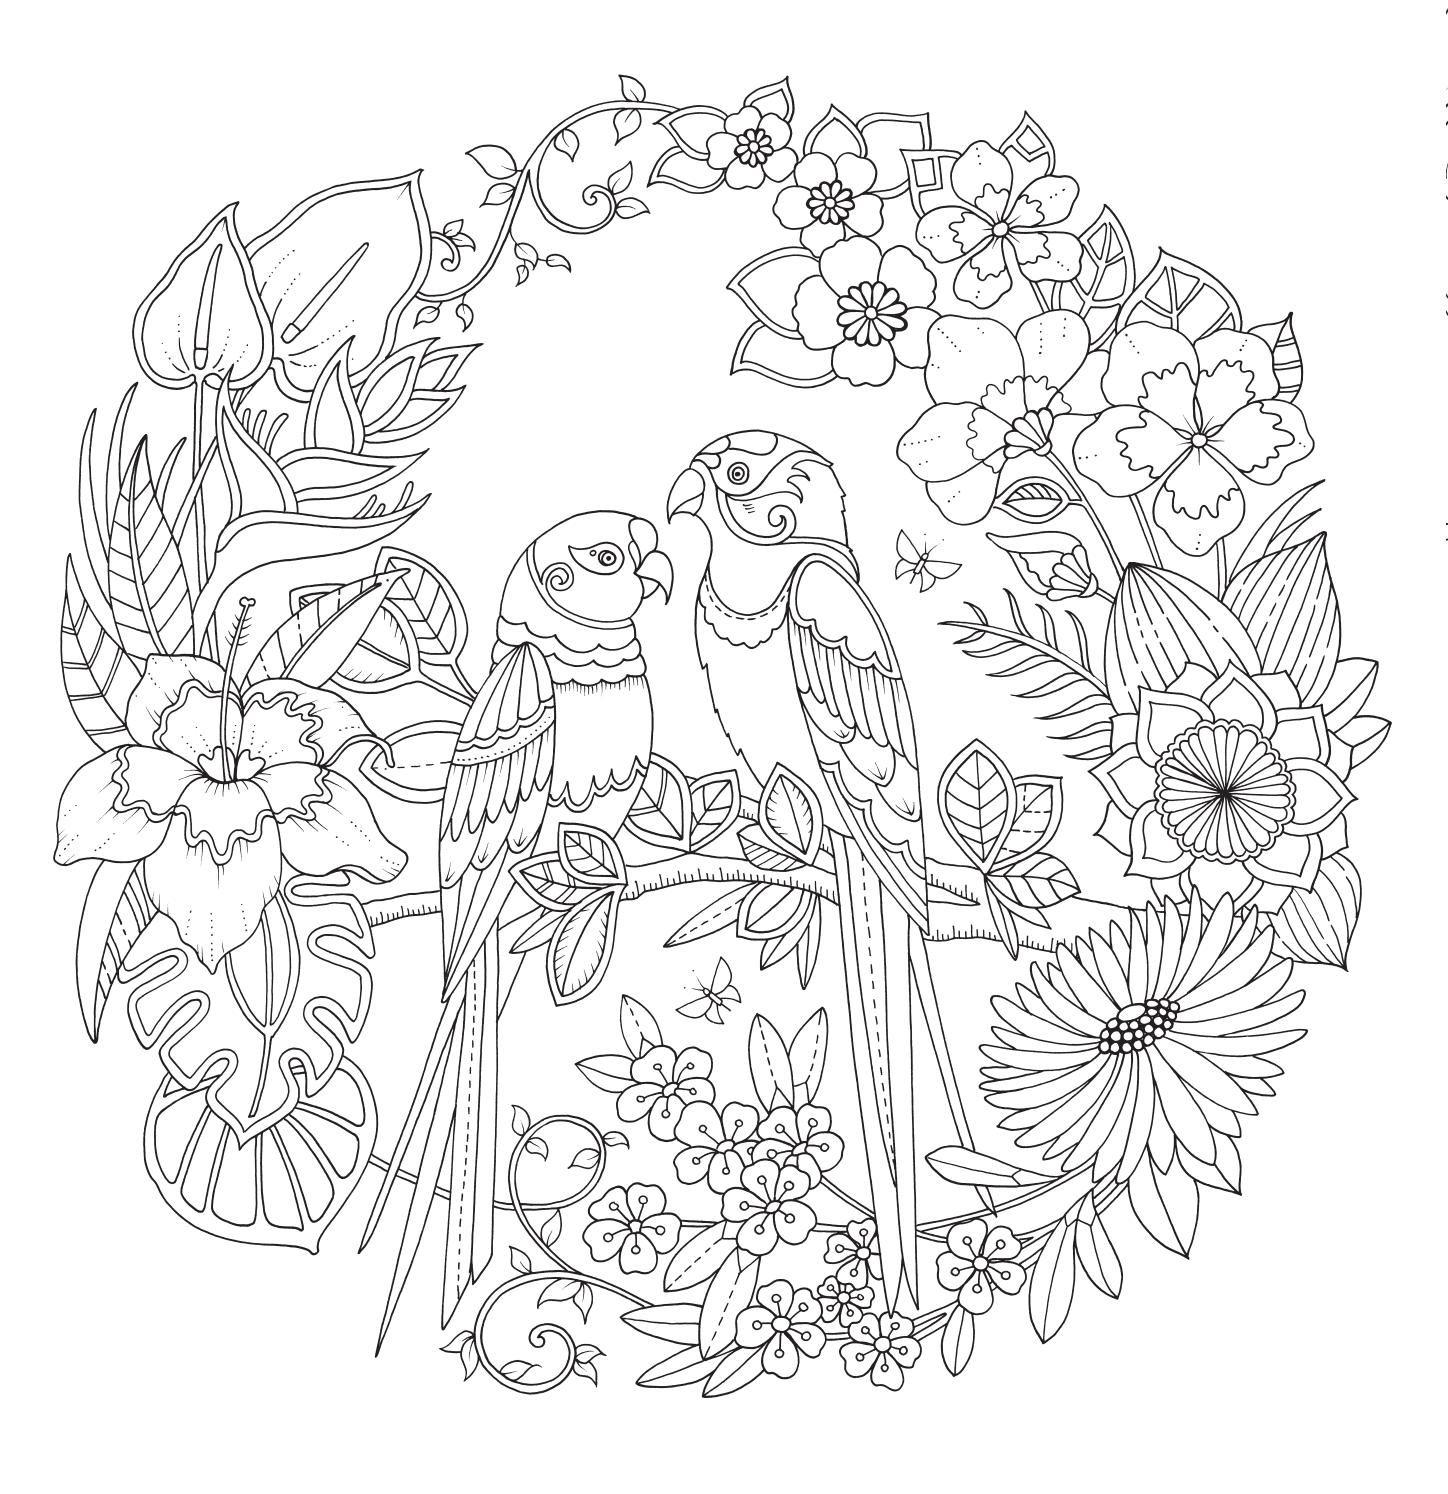 De Magie Van De Jungle Johanna Basford Mandala Kleurplaten Kleurplaten Dieren Kleurplaten